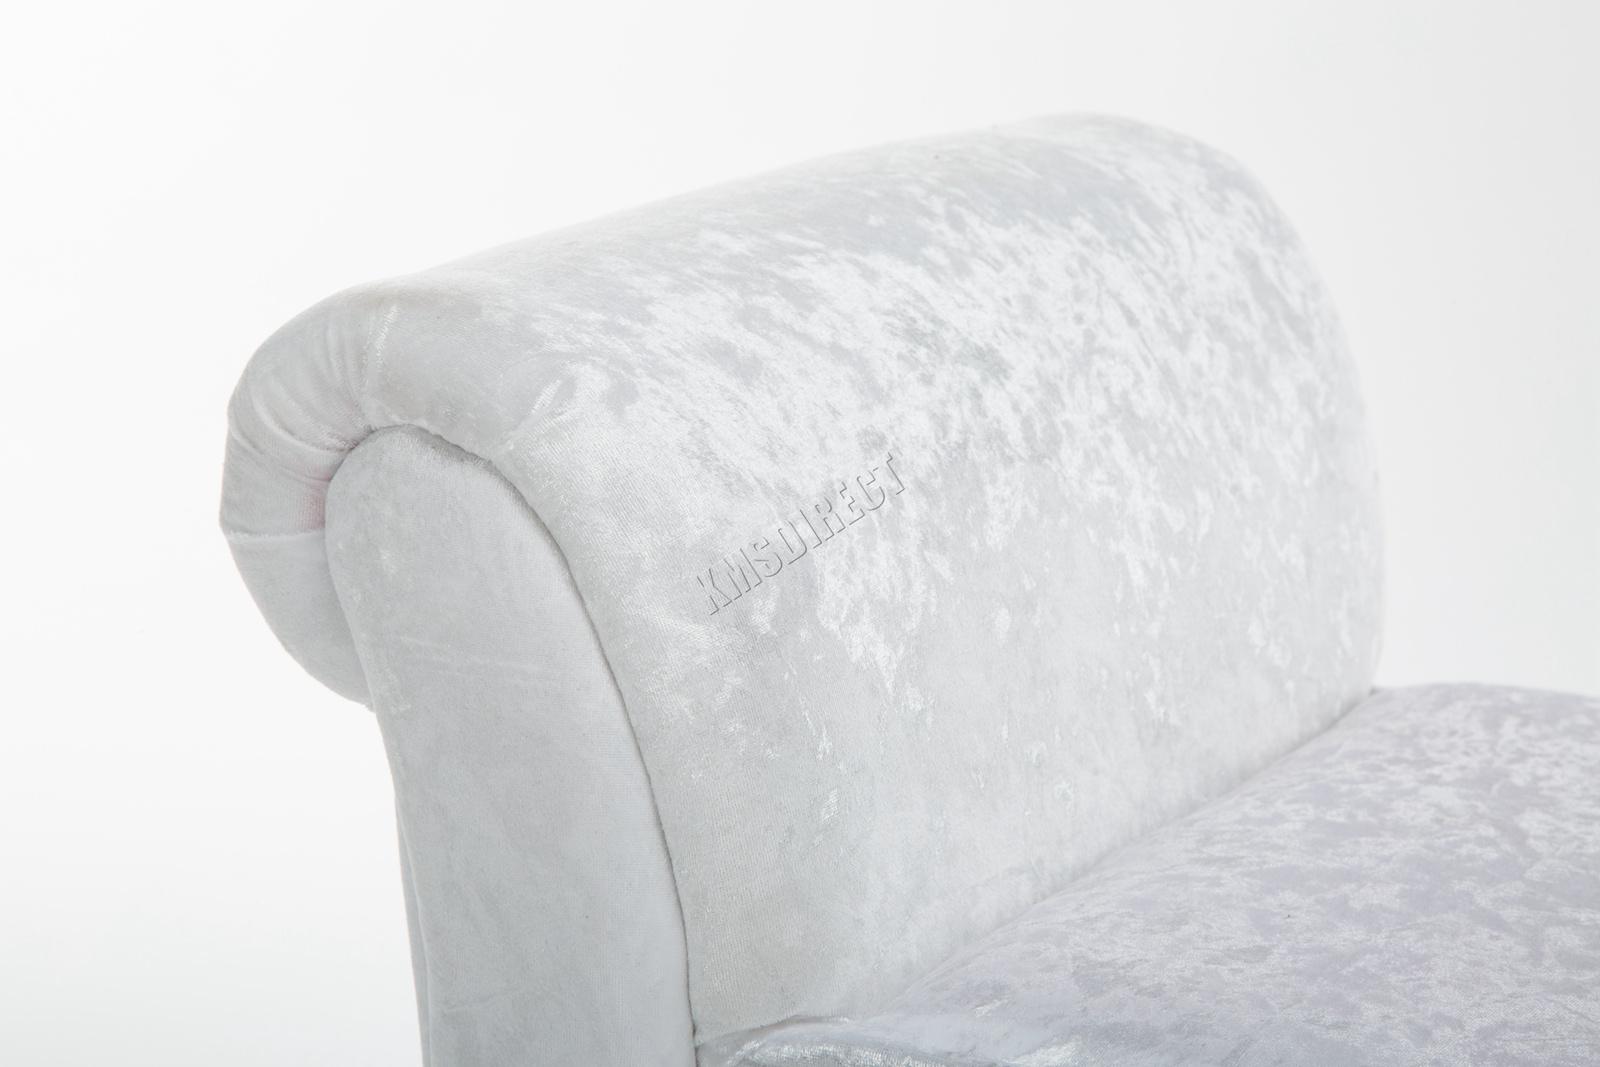 Westwood-Stoff-Bench-Fusshocker-Sitz-Pouf-Wuerfelfoermig-Polsterhocker-Schlafzimmer Indexbild 30